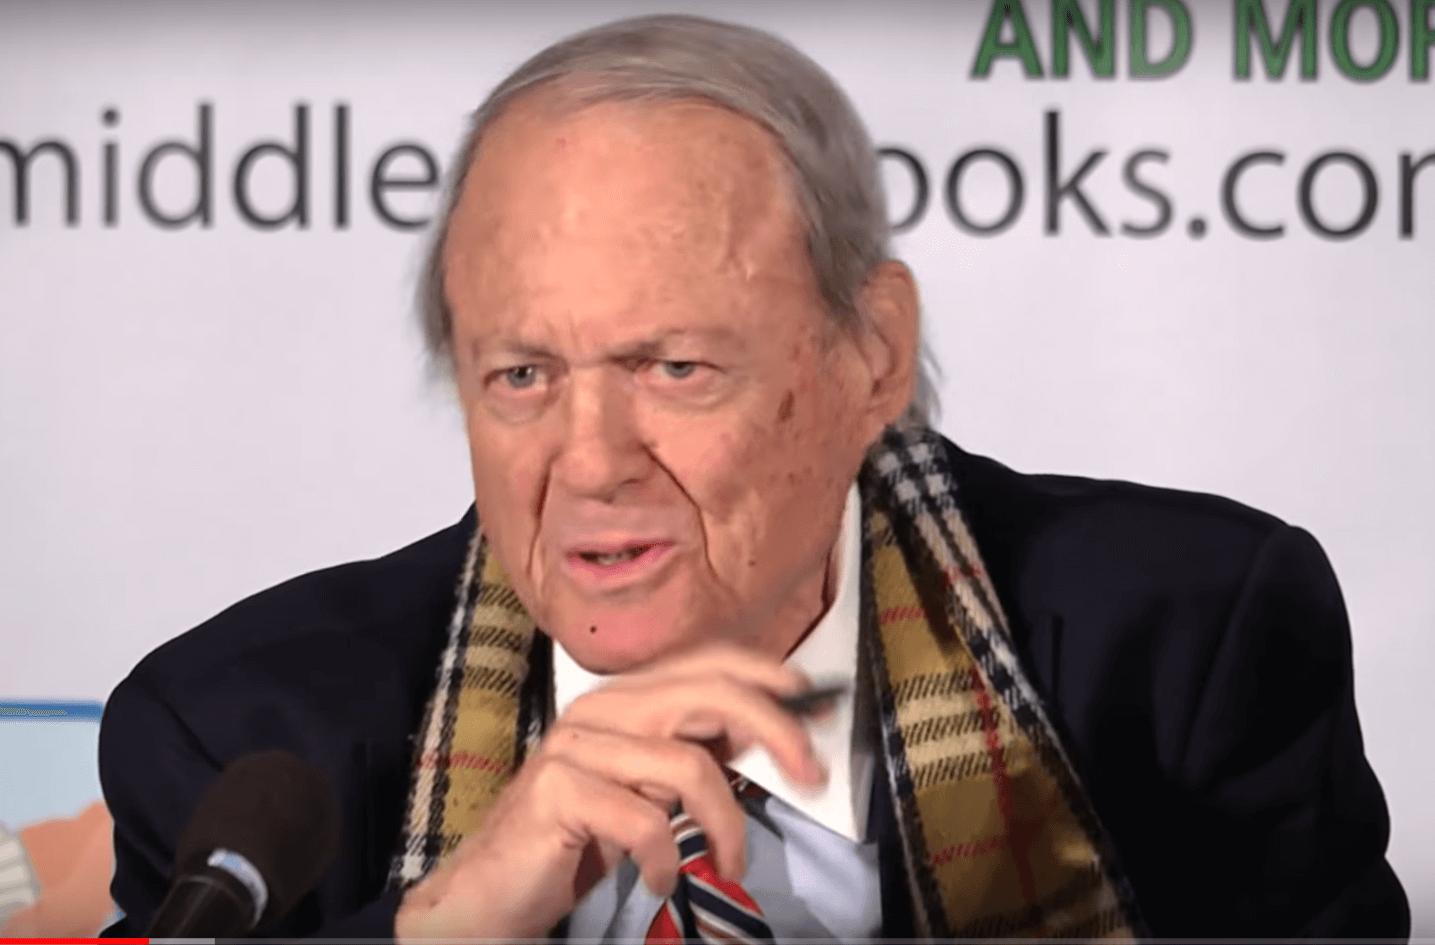 An unlikely nemesis – Mondoweiss